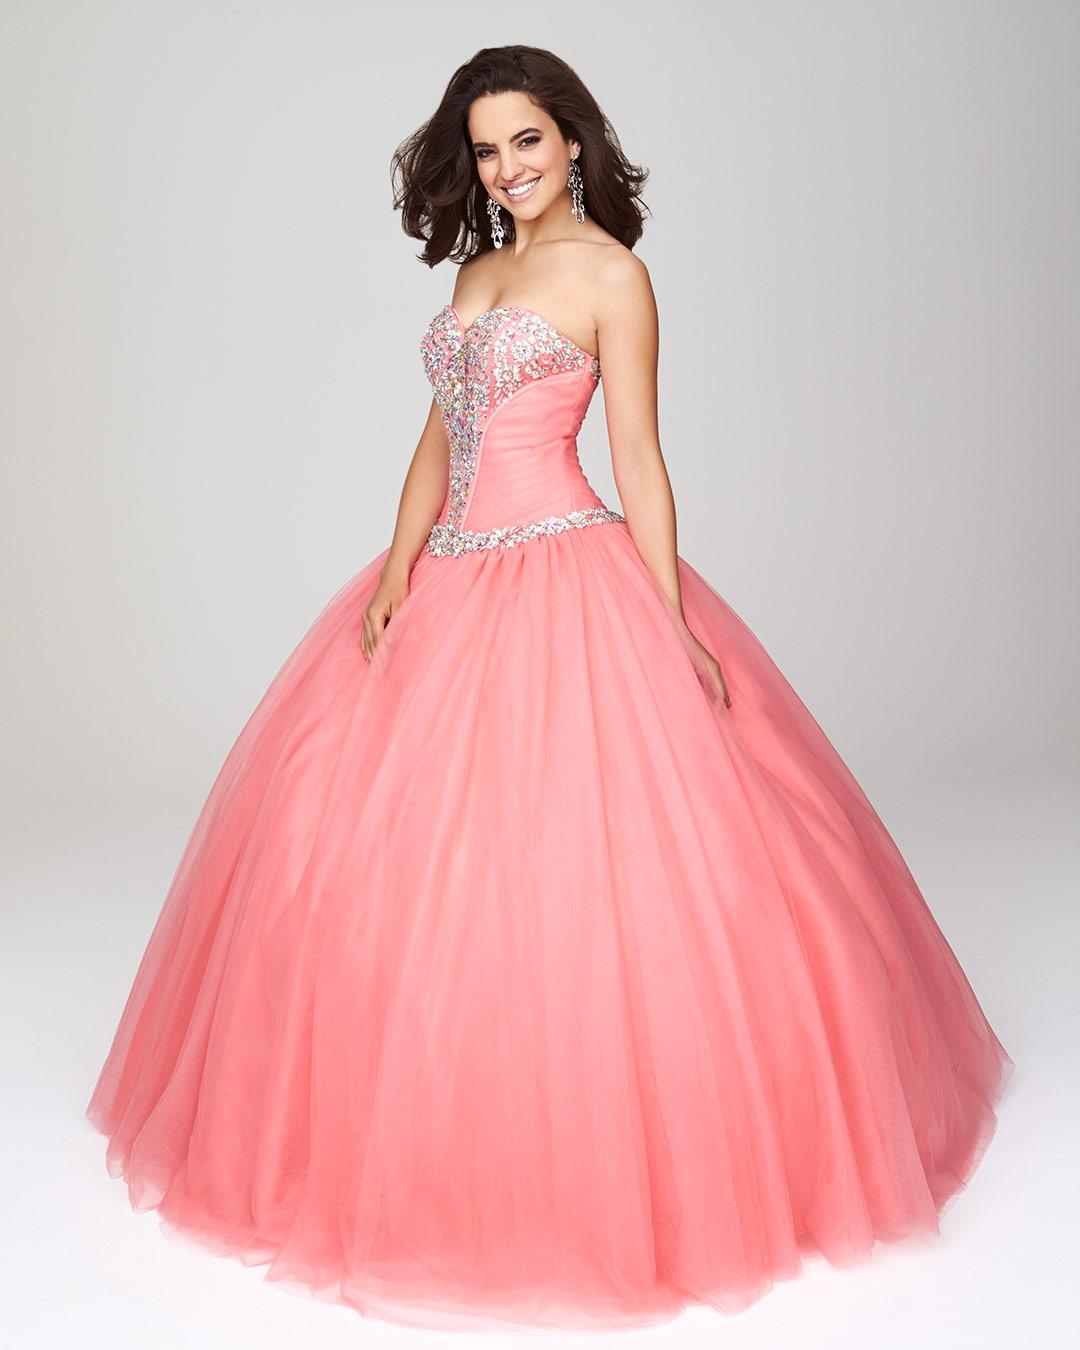 d28f3f559 40 Vestidos de 15 años largos y cortos en color rosa - Vestidos Glam